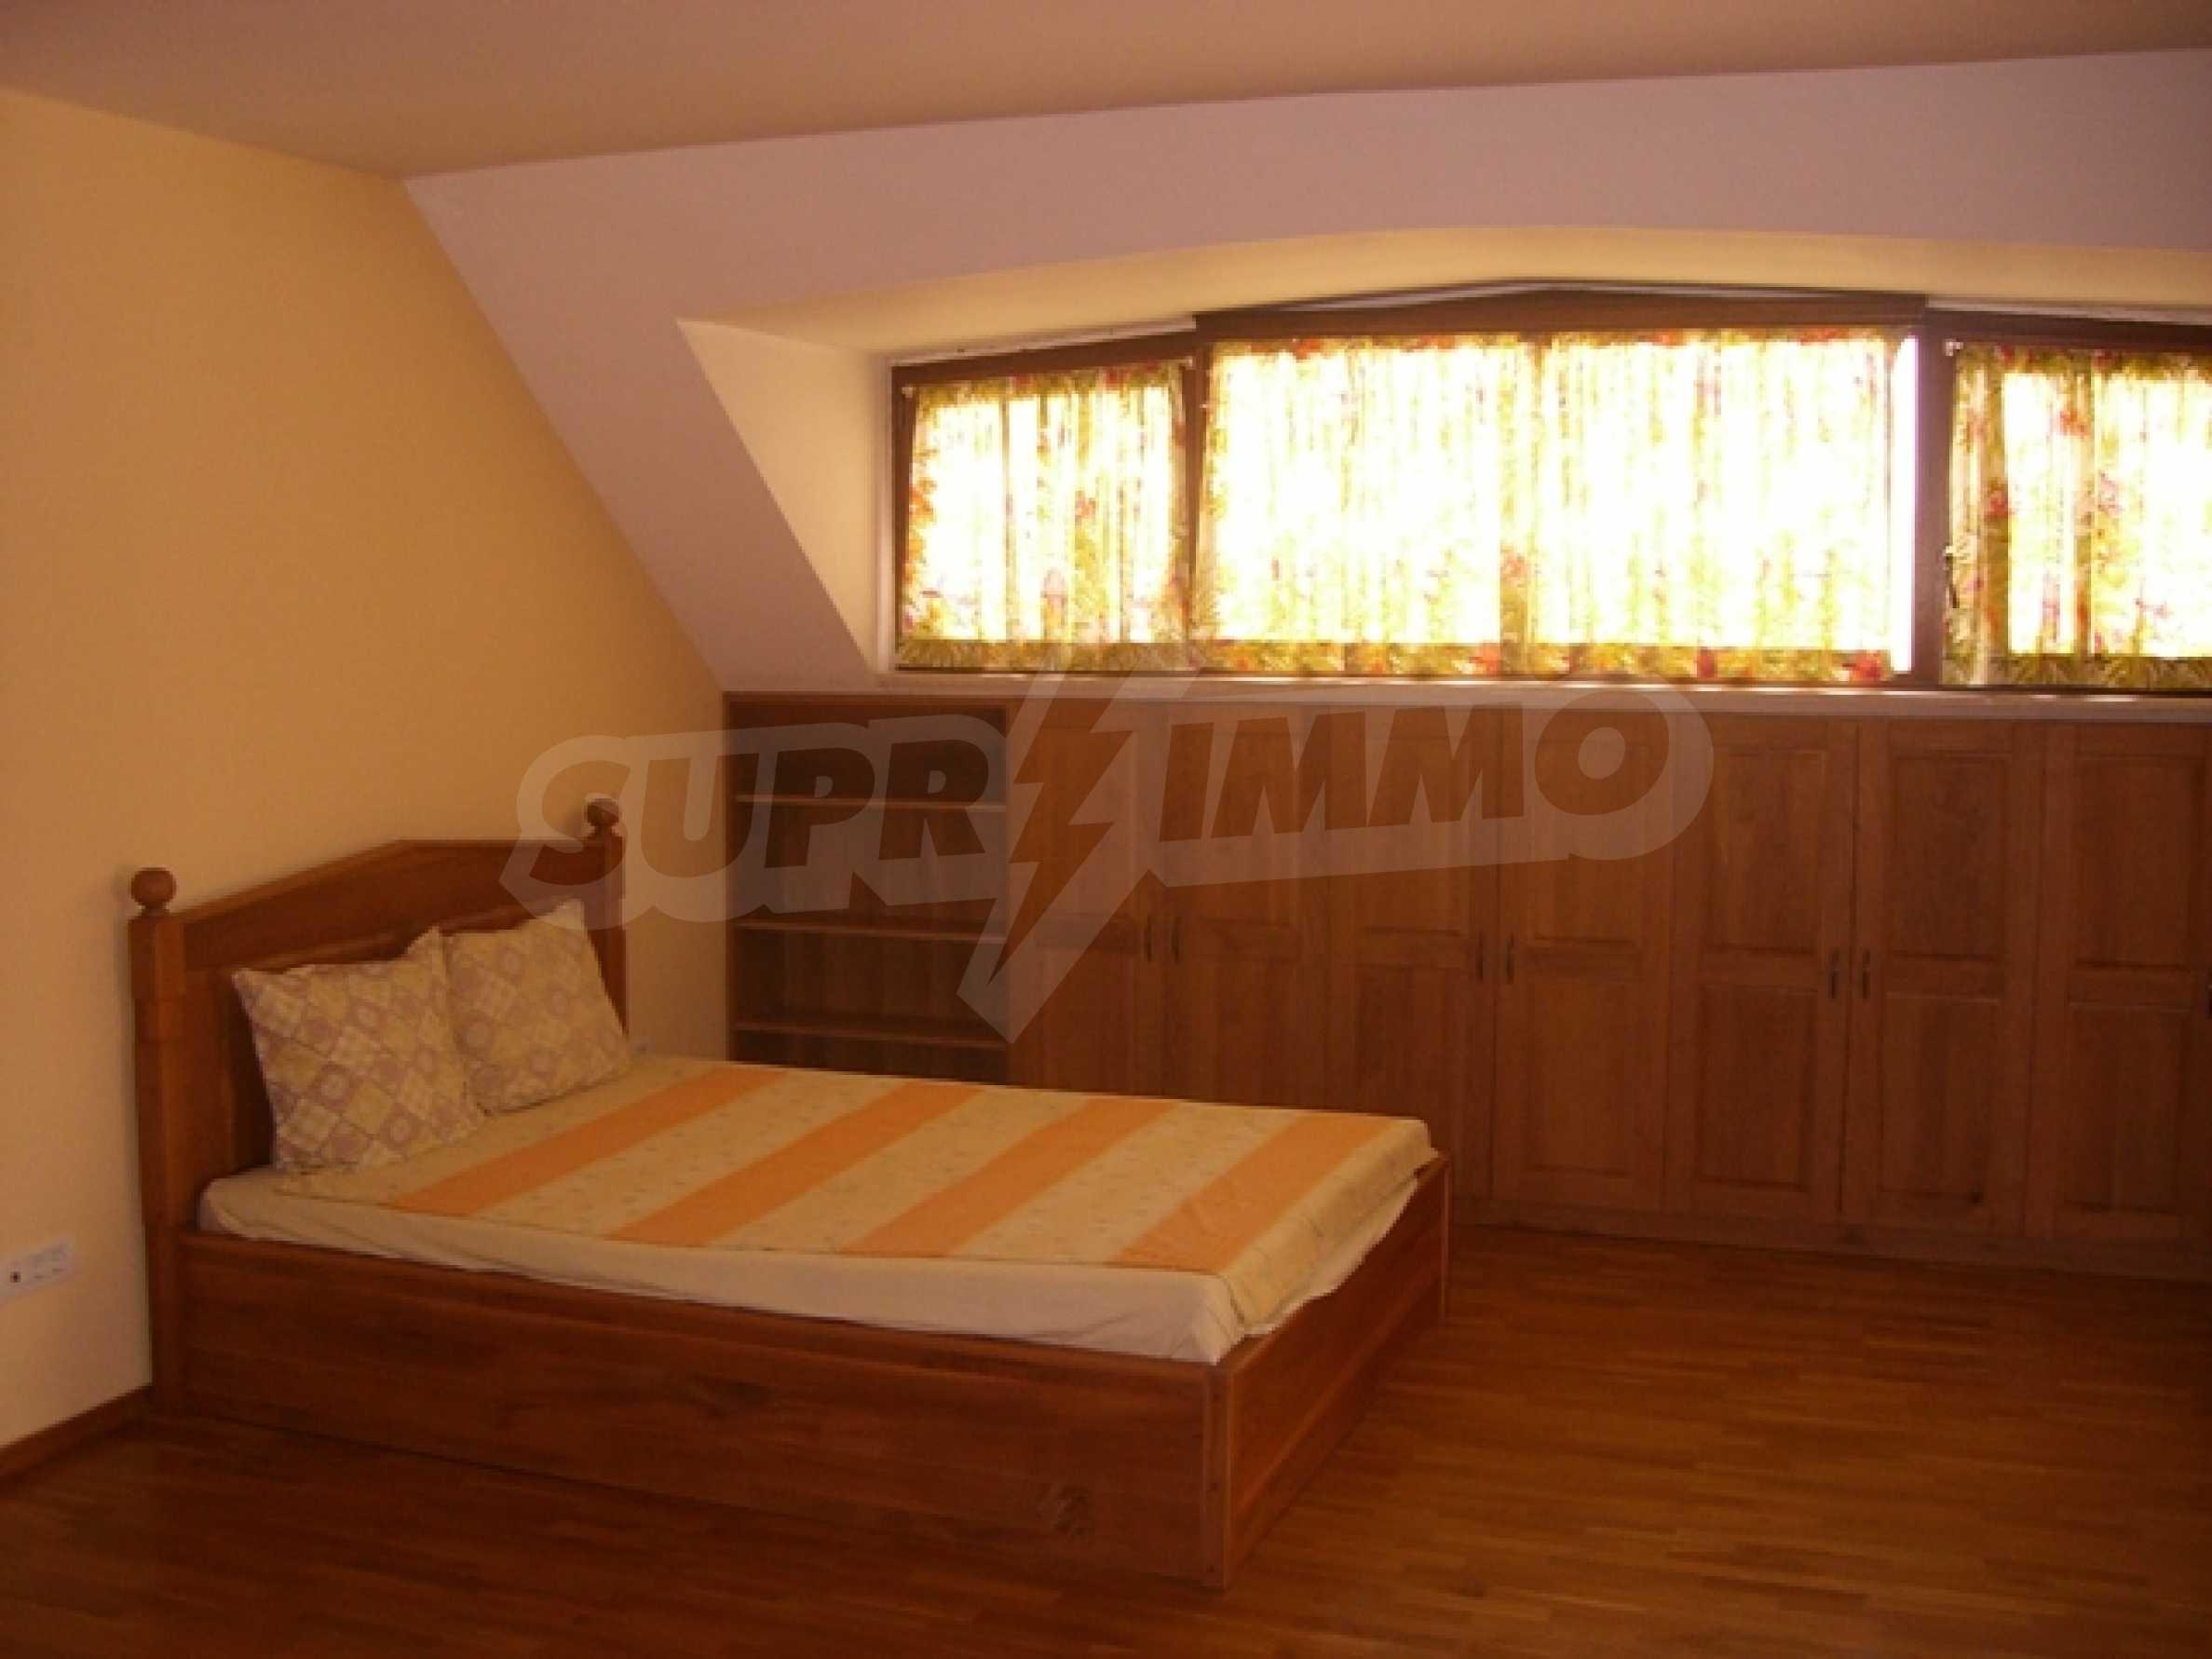 House Bulgarian Dream Home 41